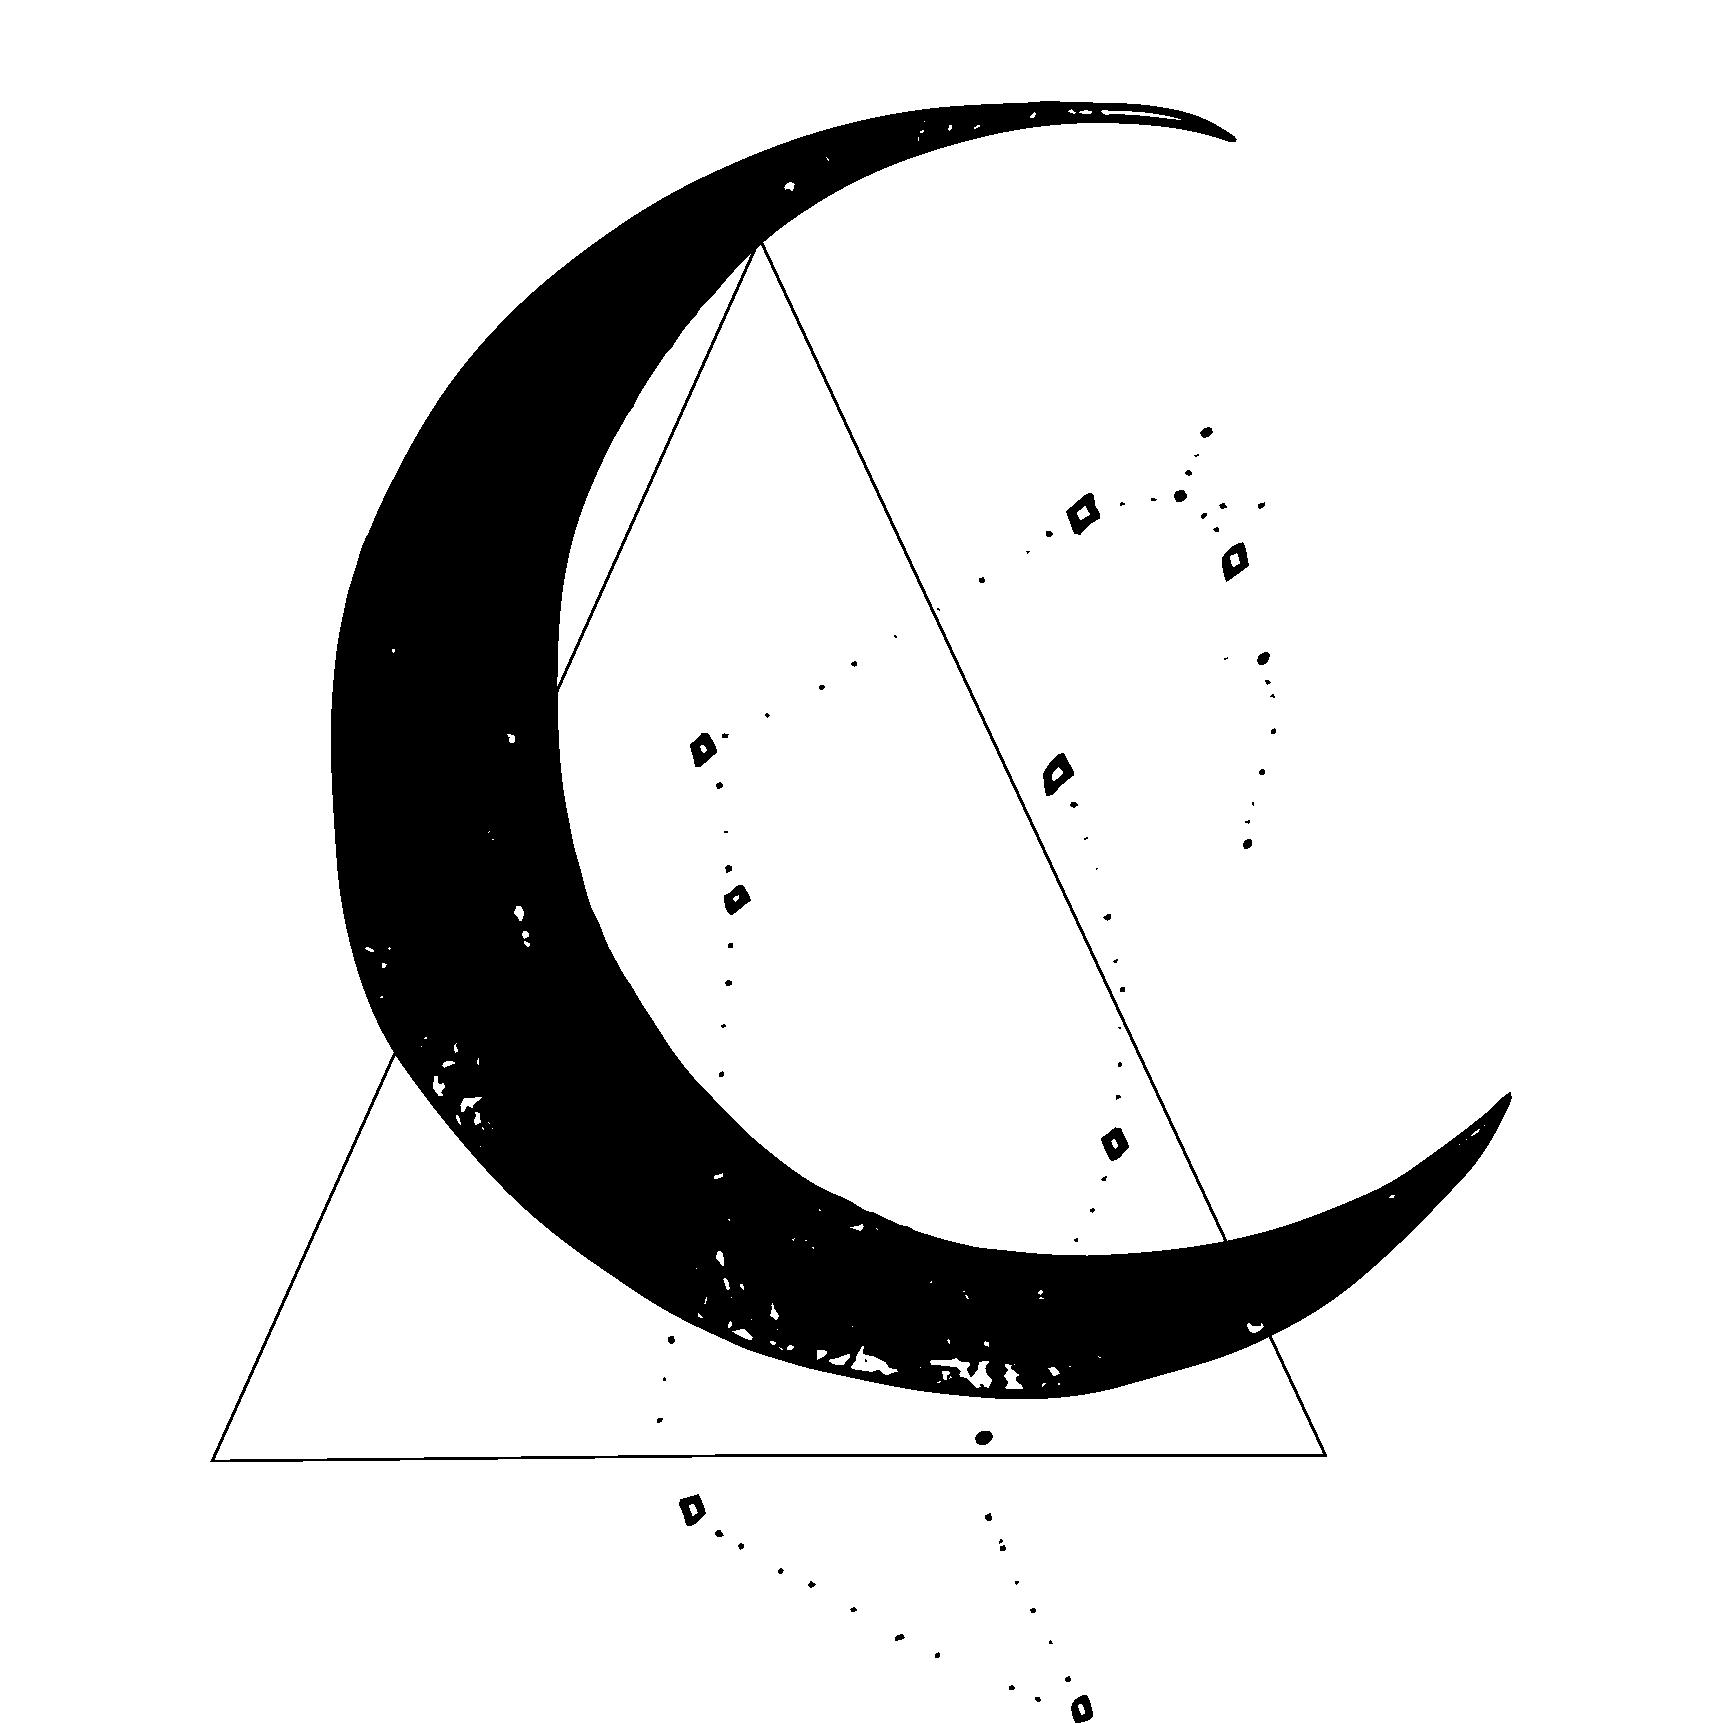 made in stills_illustrations-03.png